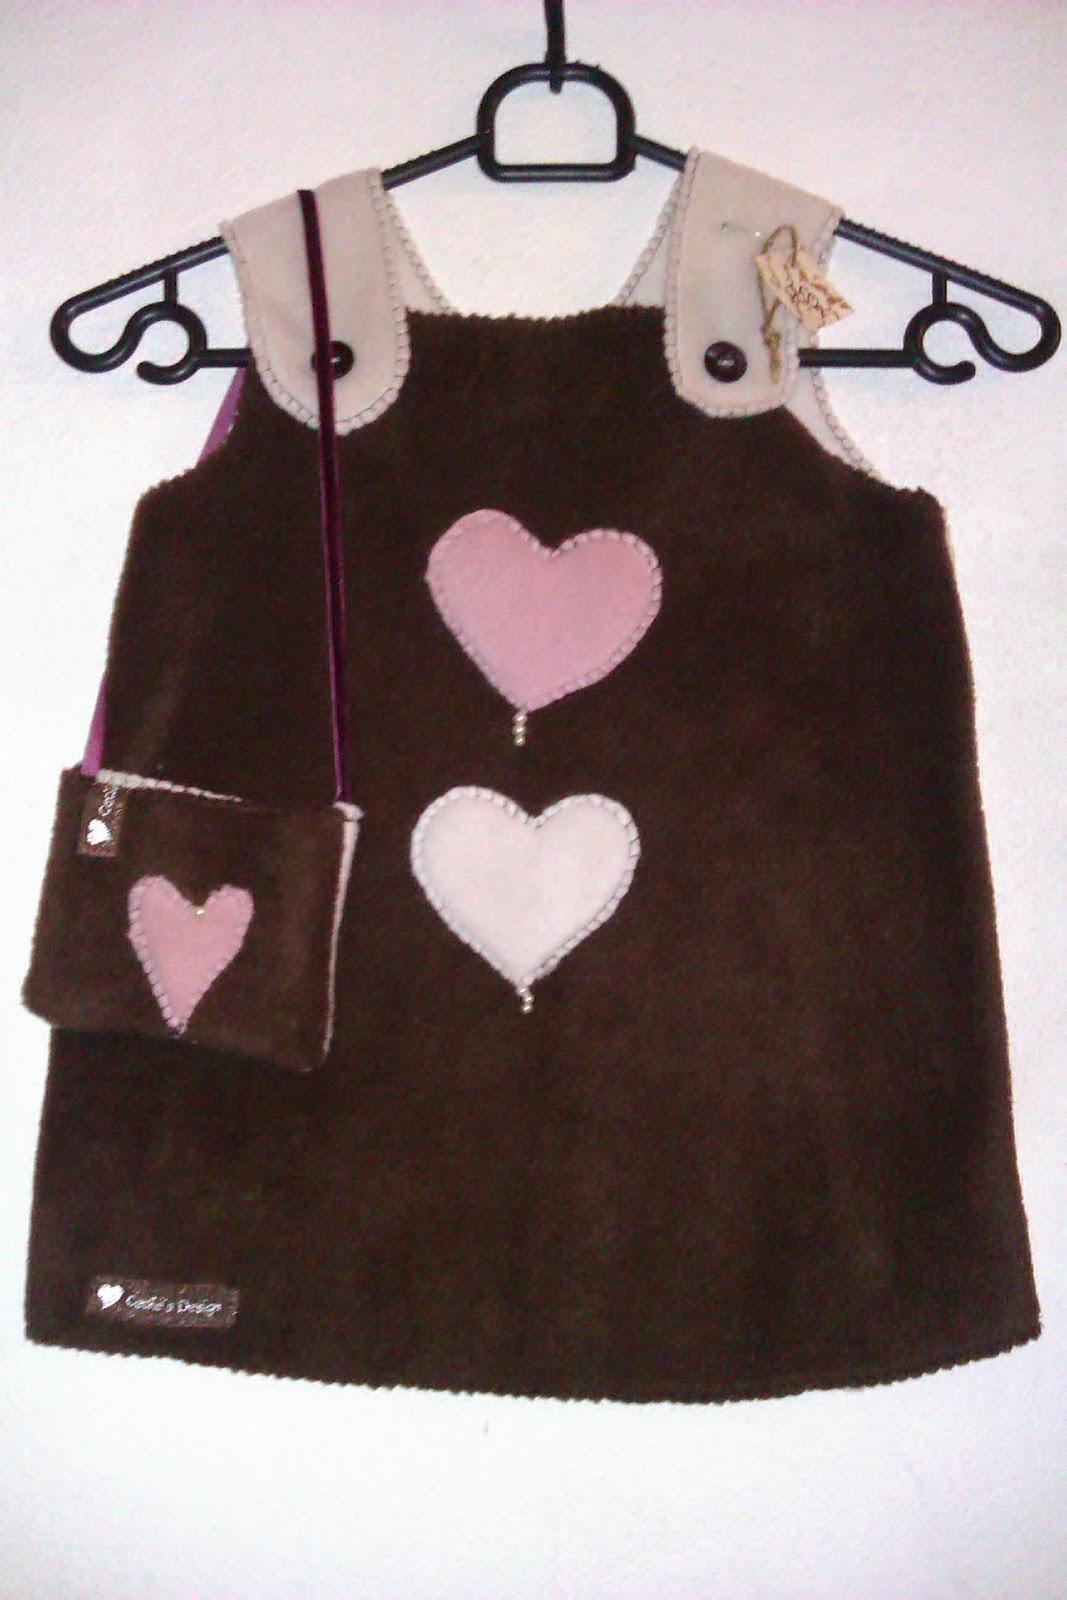 søte kjoler til barn norweigian